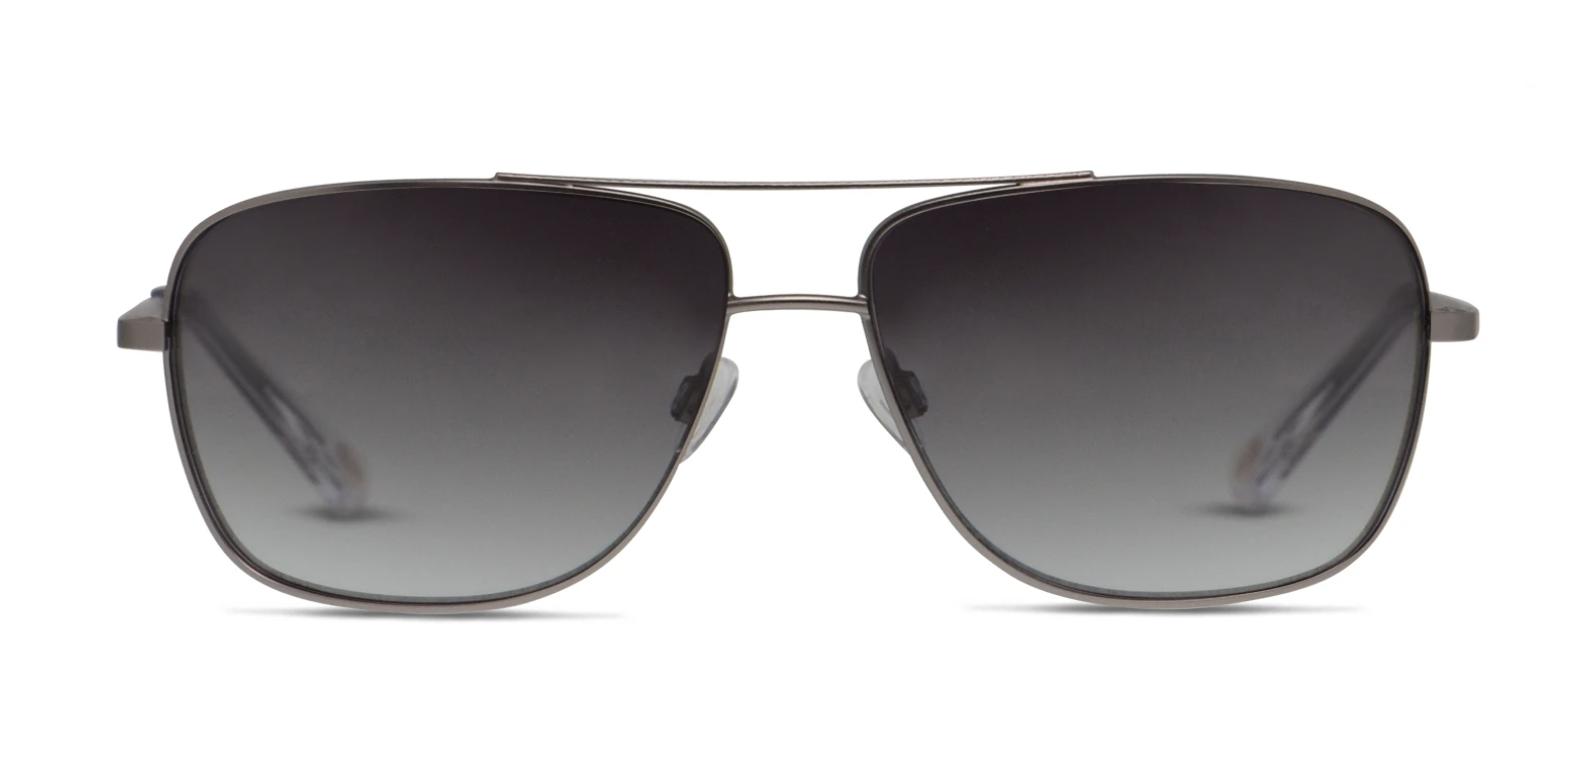 Best Glasses for FSA Spending